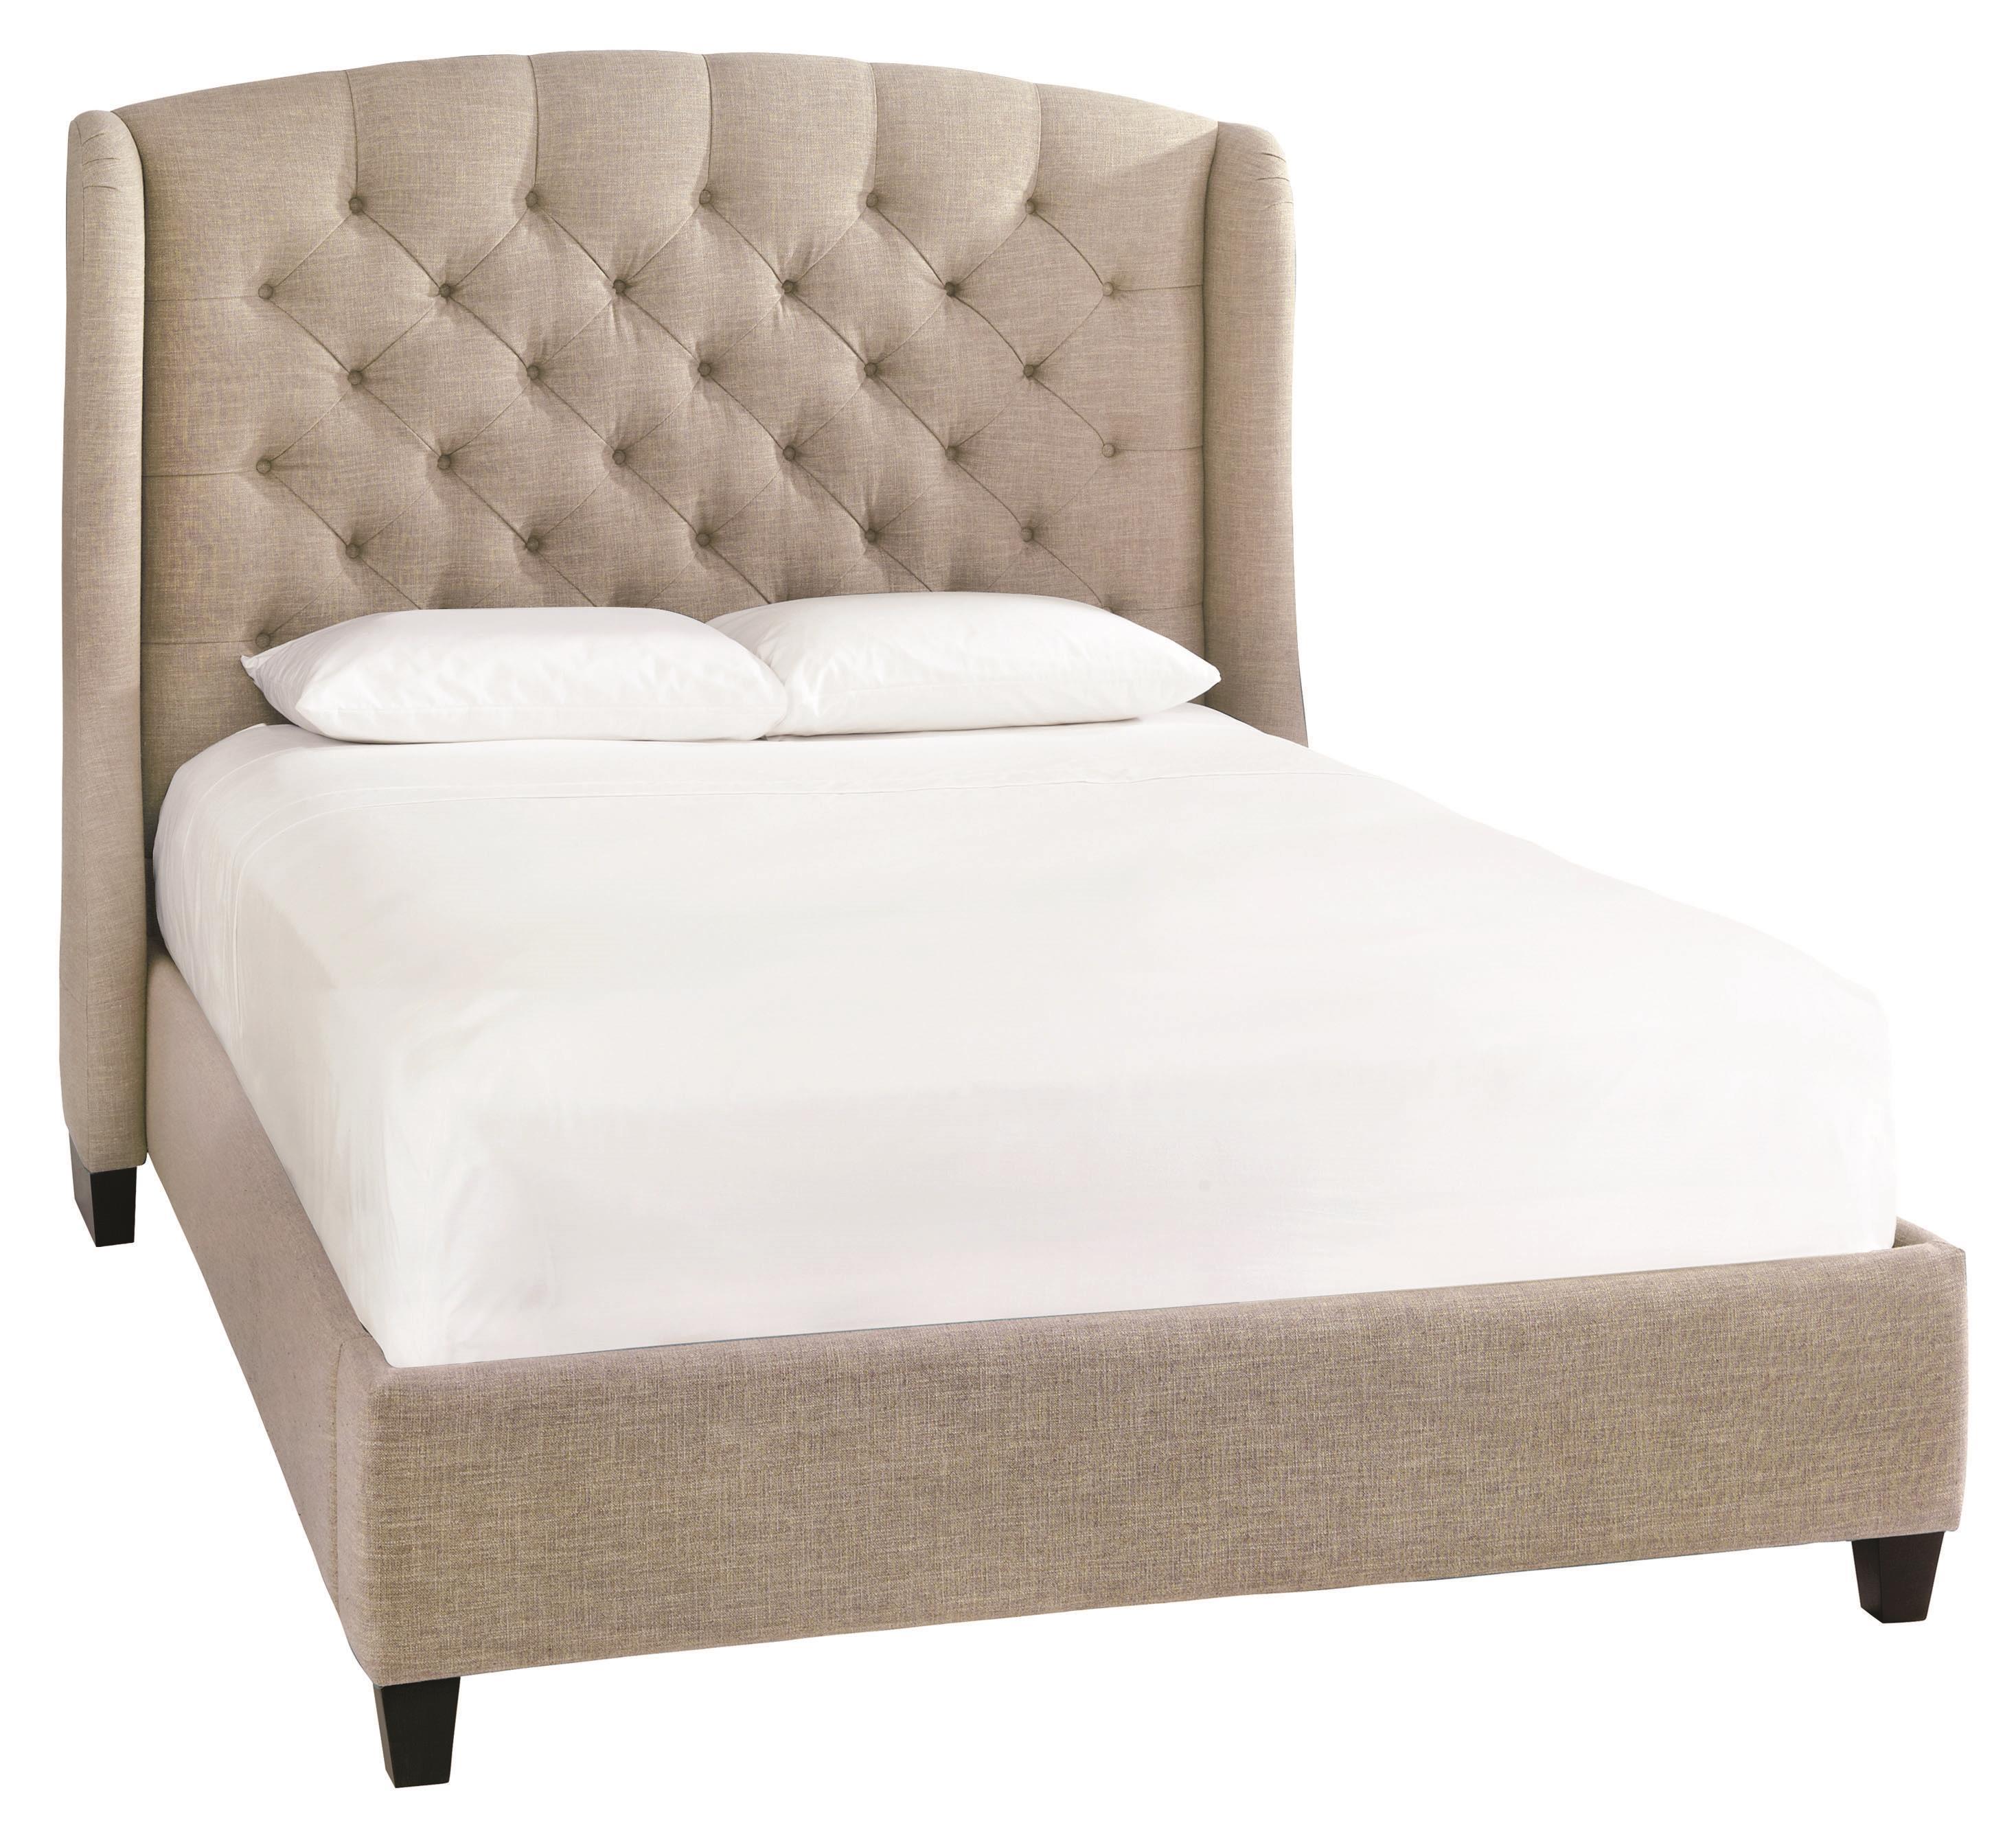 Bassett Custom Upholstered BedsParis Queen Size Upholstered Bed